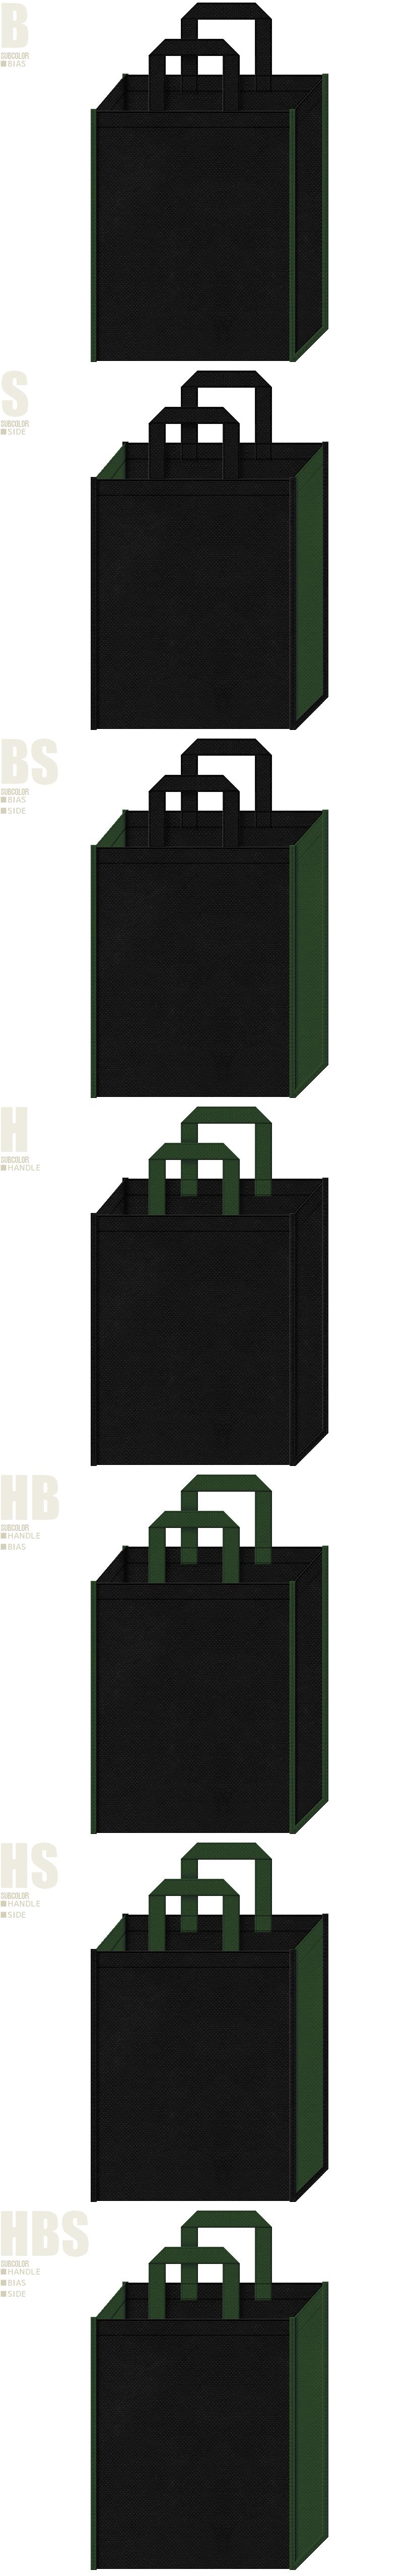 黒色と濃緑色、7パターンの不織布トートバッグ配色デザイン例。メンズファッションにお奨めです。